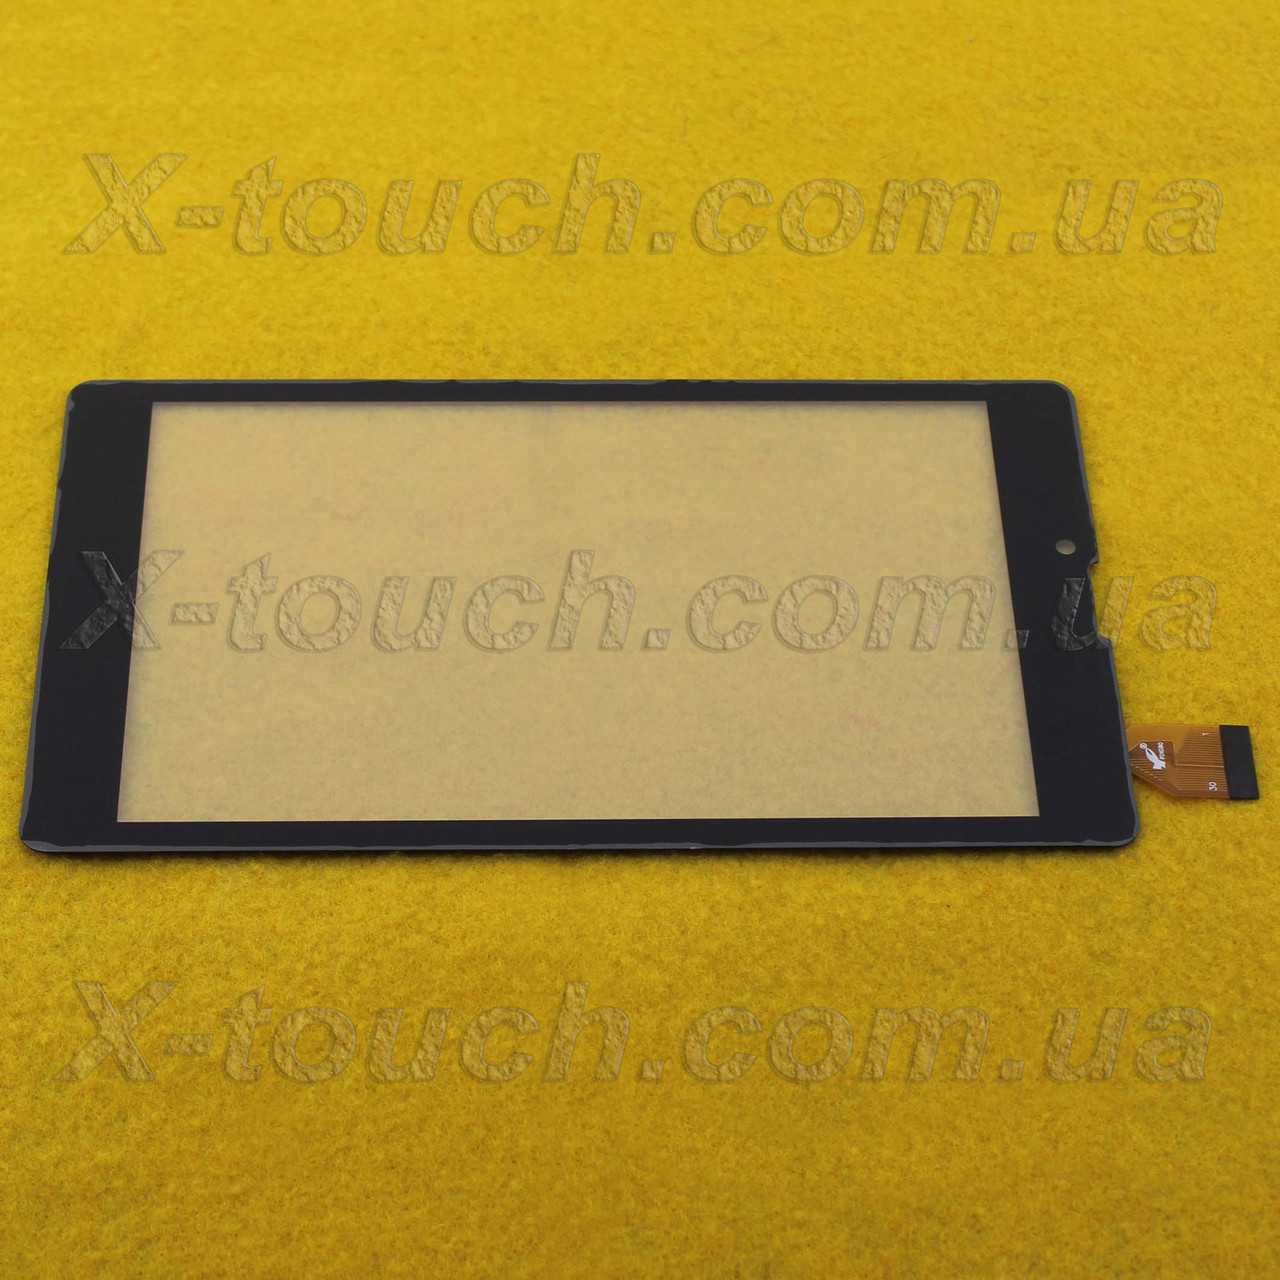 FPC-DP070002-F7 сенсор, тачскрін чорного кольору